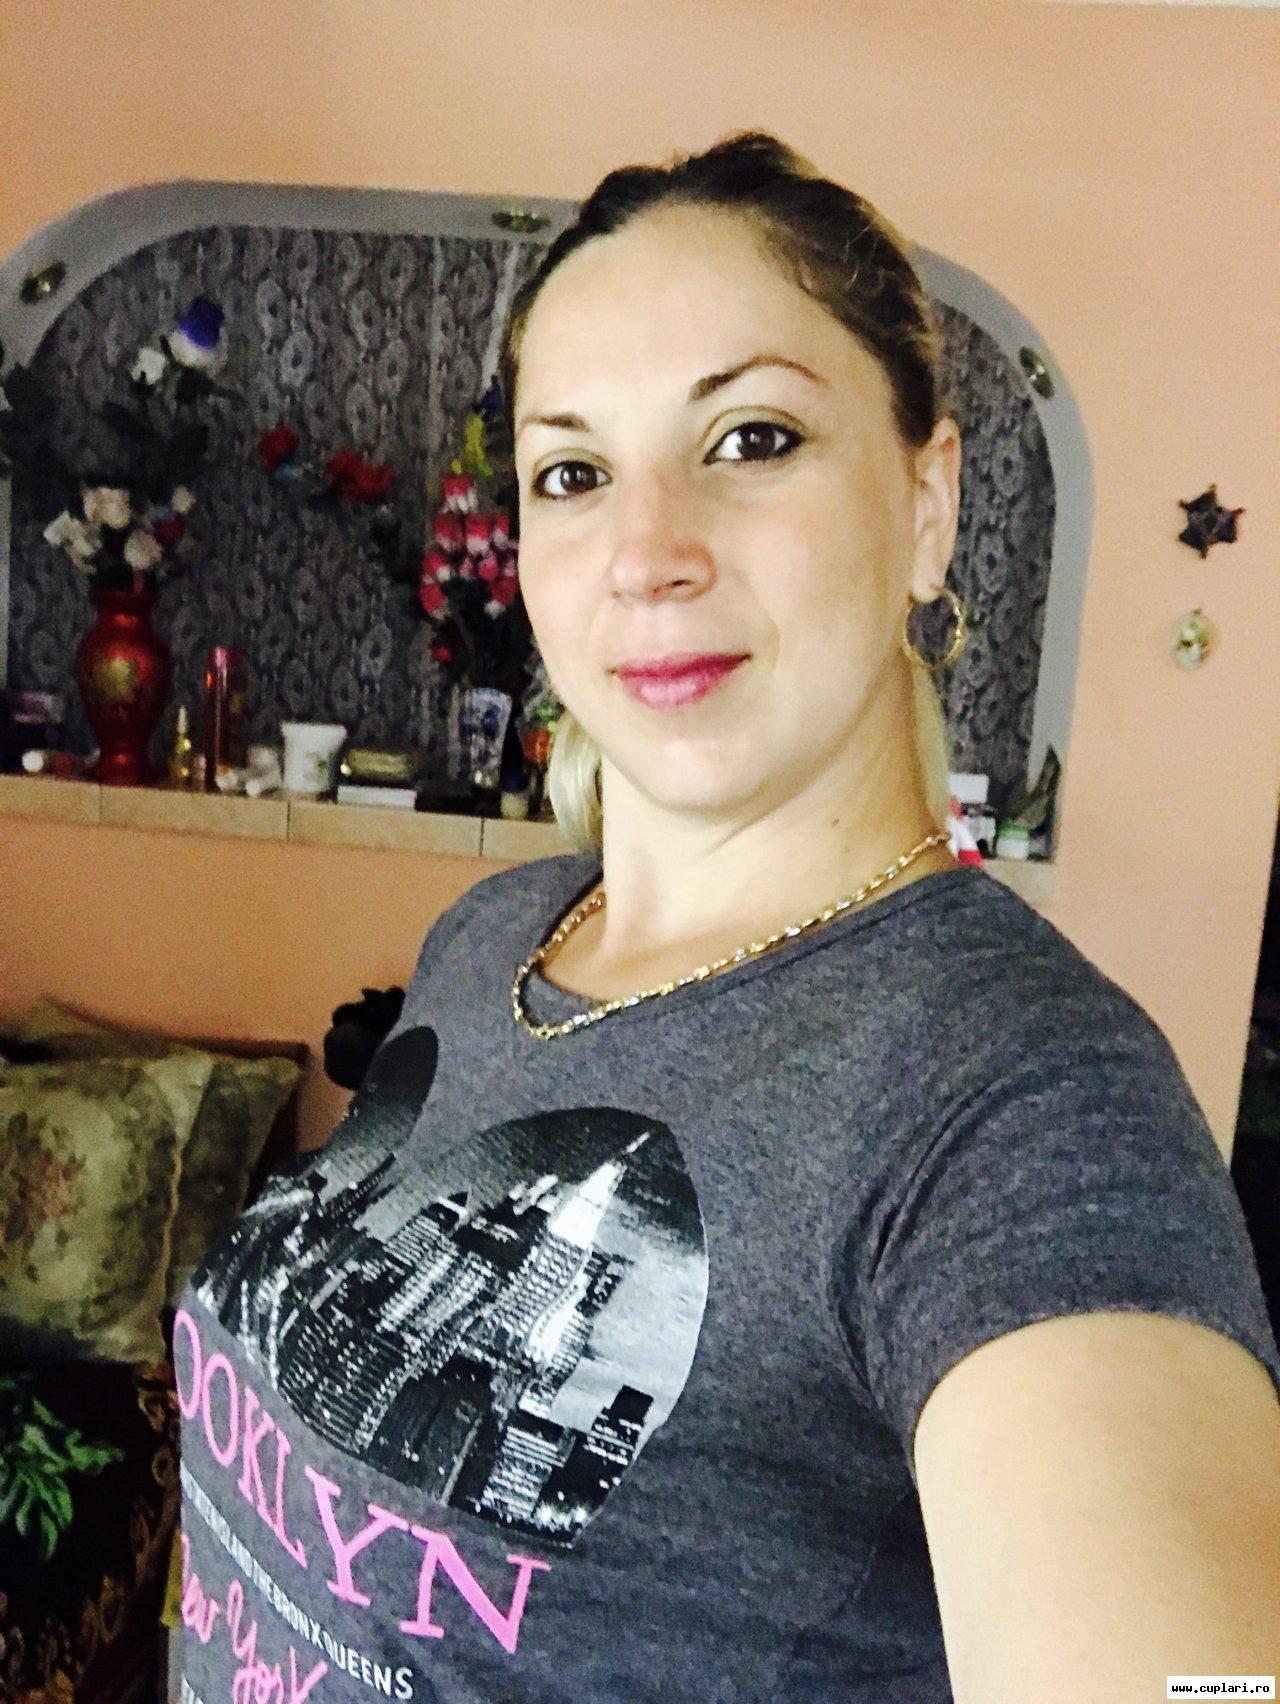 Femei Cauta Barbati Siret, aplicații pentru întâlniri matrimoniale anunțuri matrimoniale locale